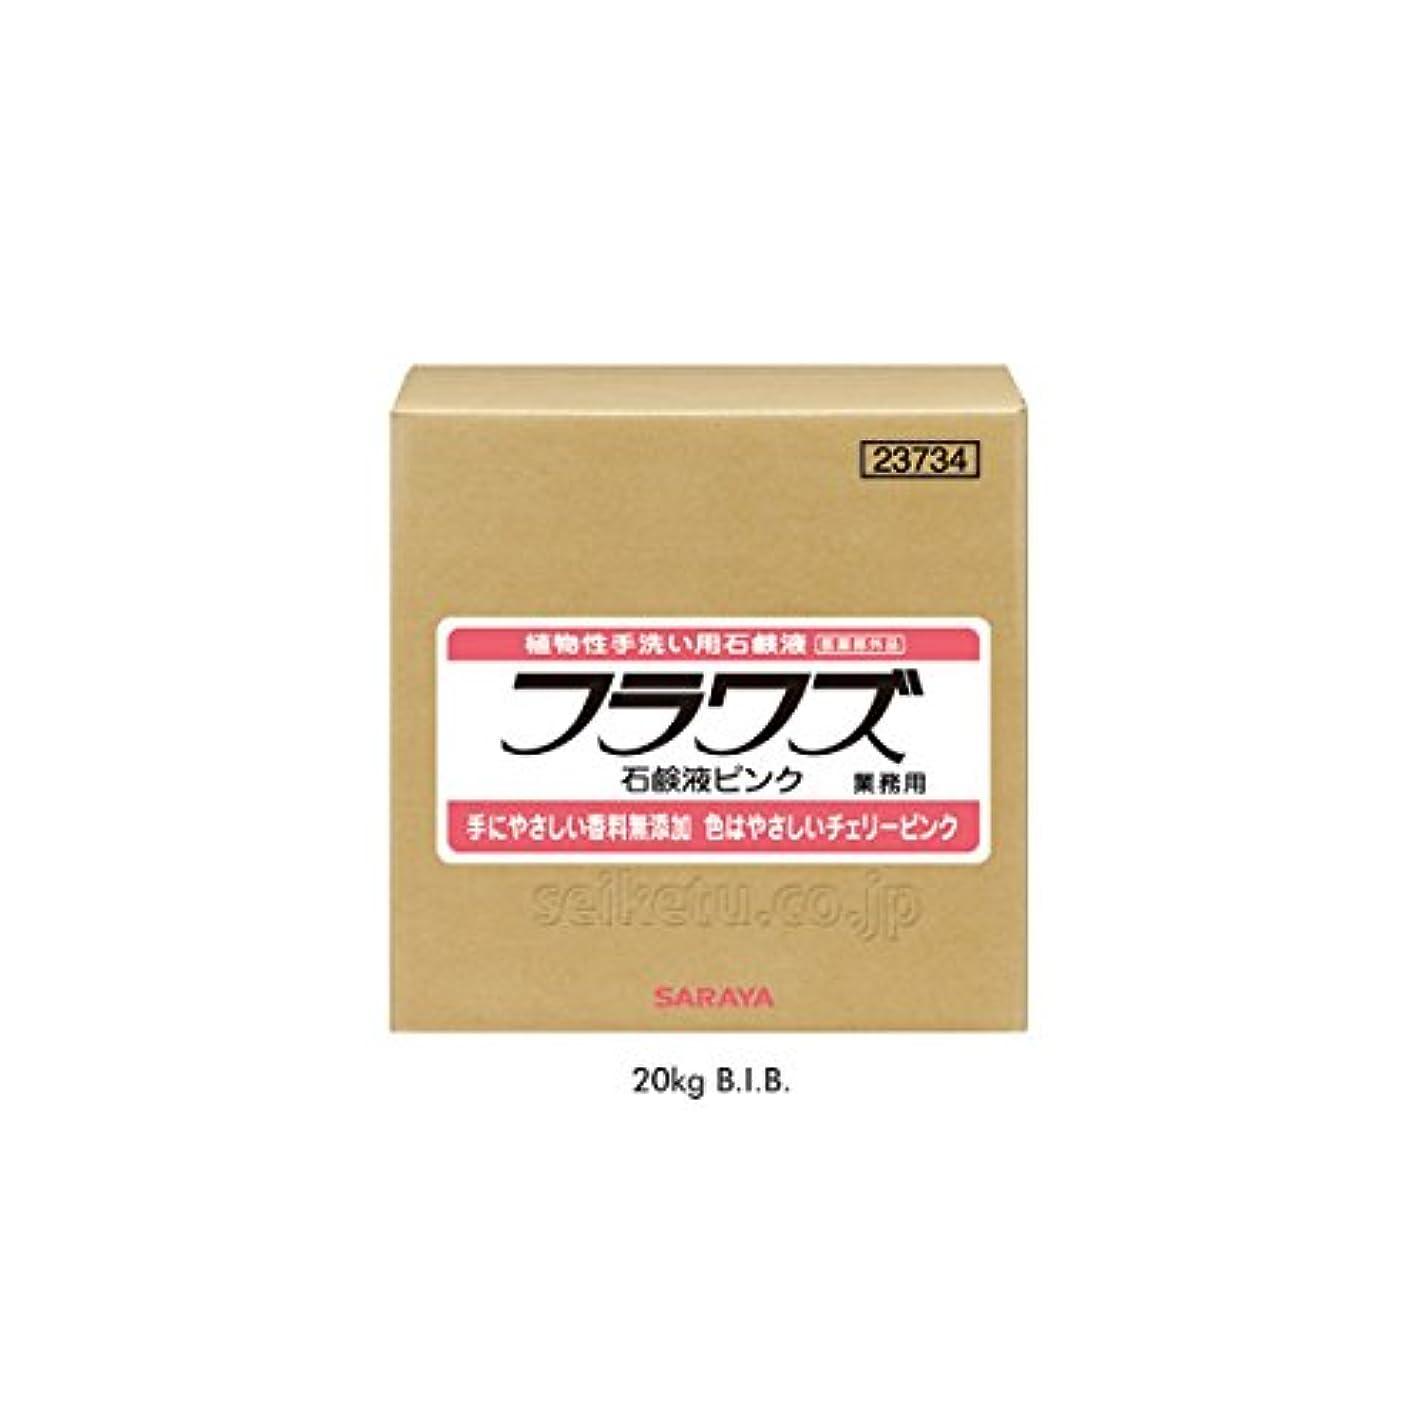 過激派植木サイズ【清潔キレイ館】サラヤ フラワズ石鹸液ピンク(20kg)